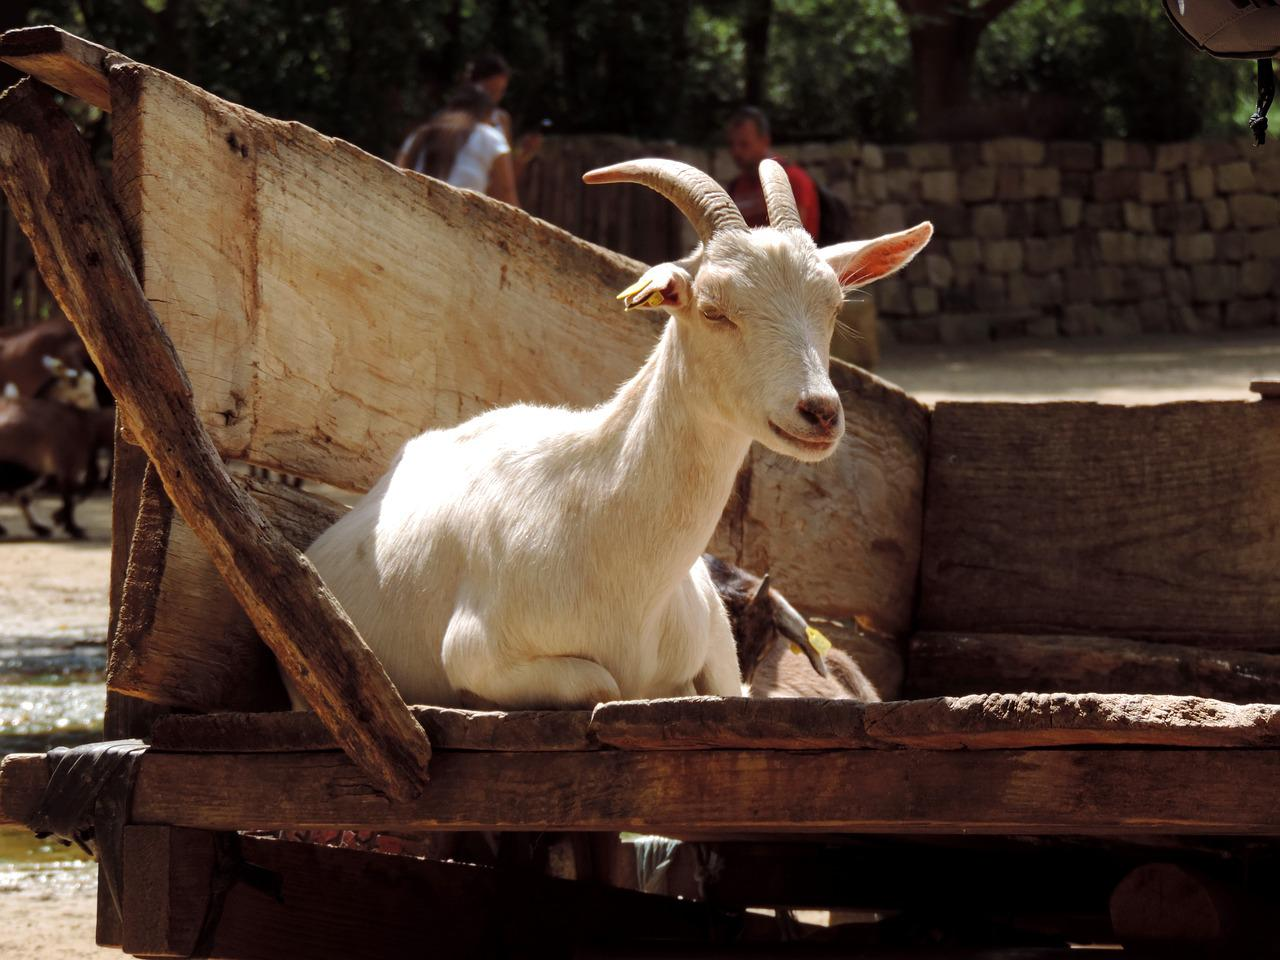 картинки козы картинки козы браслеты